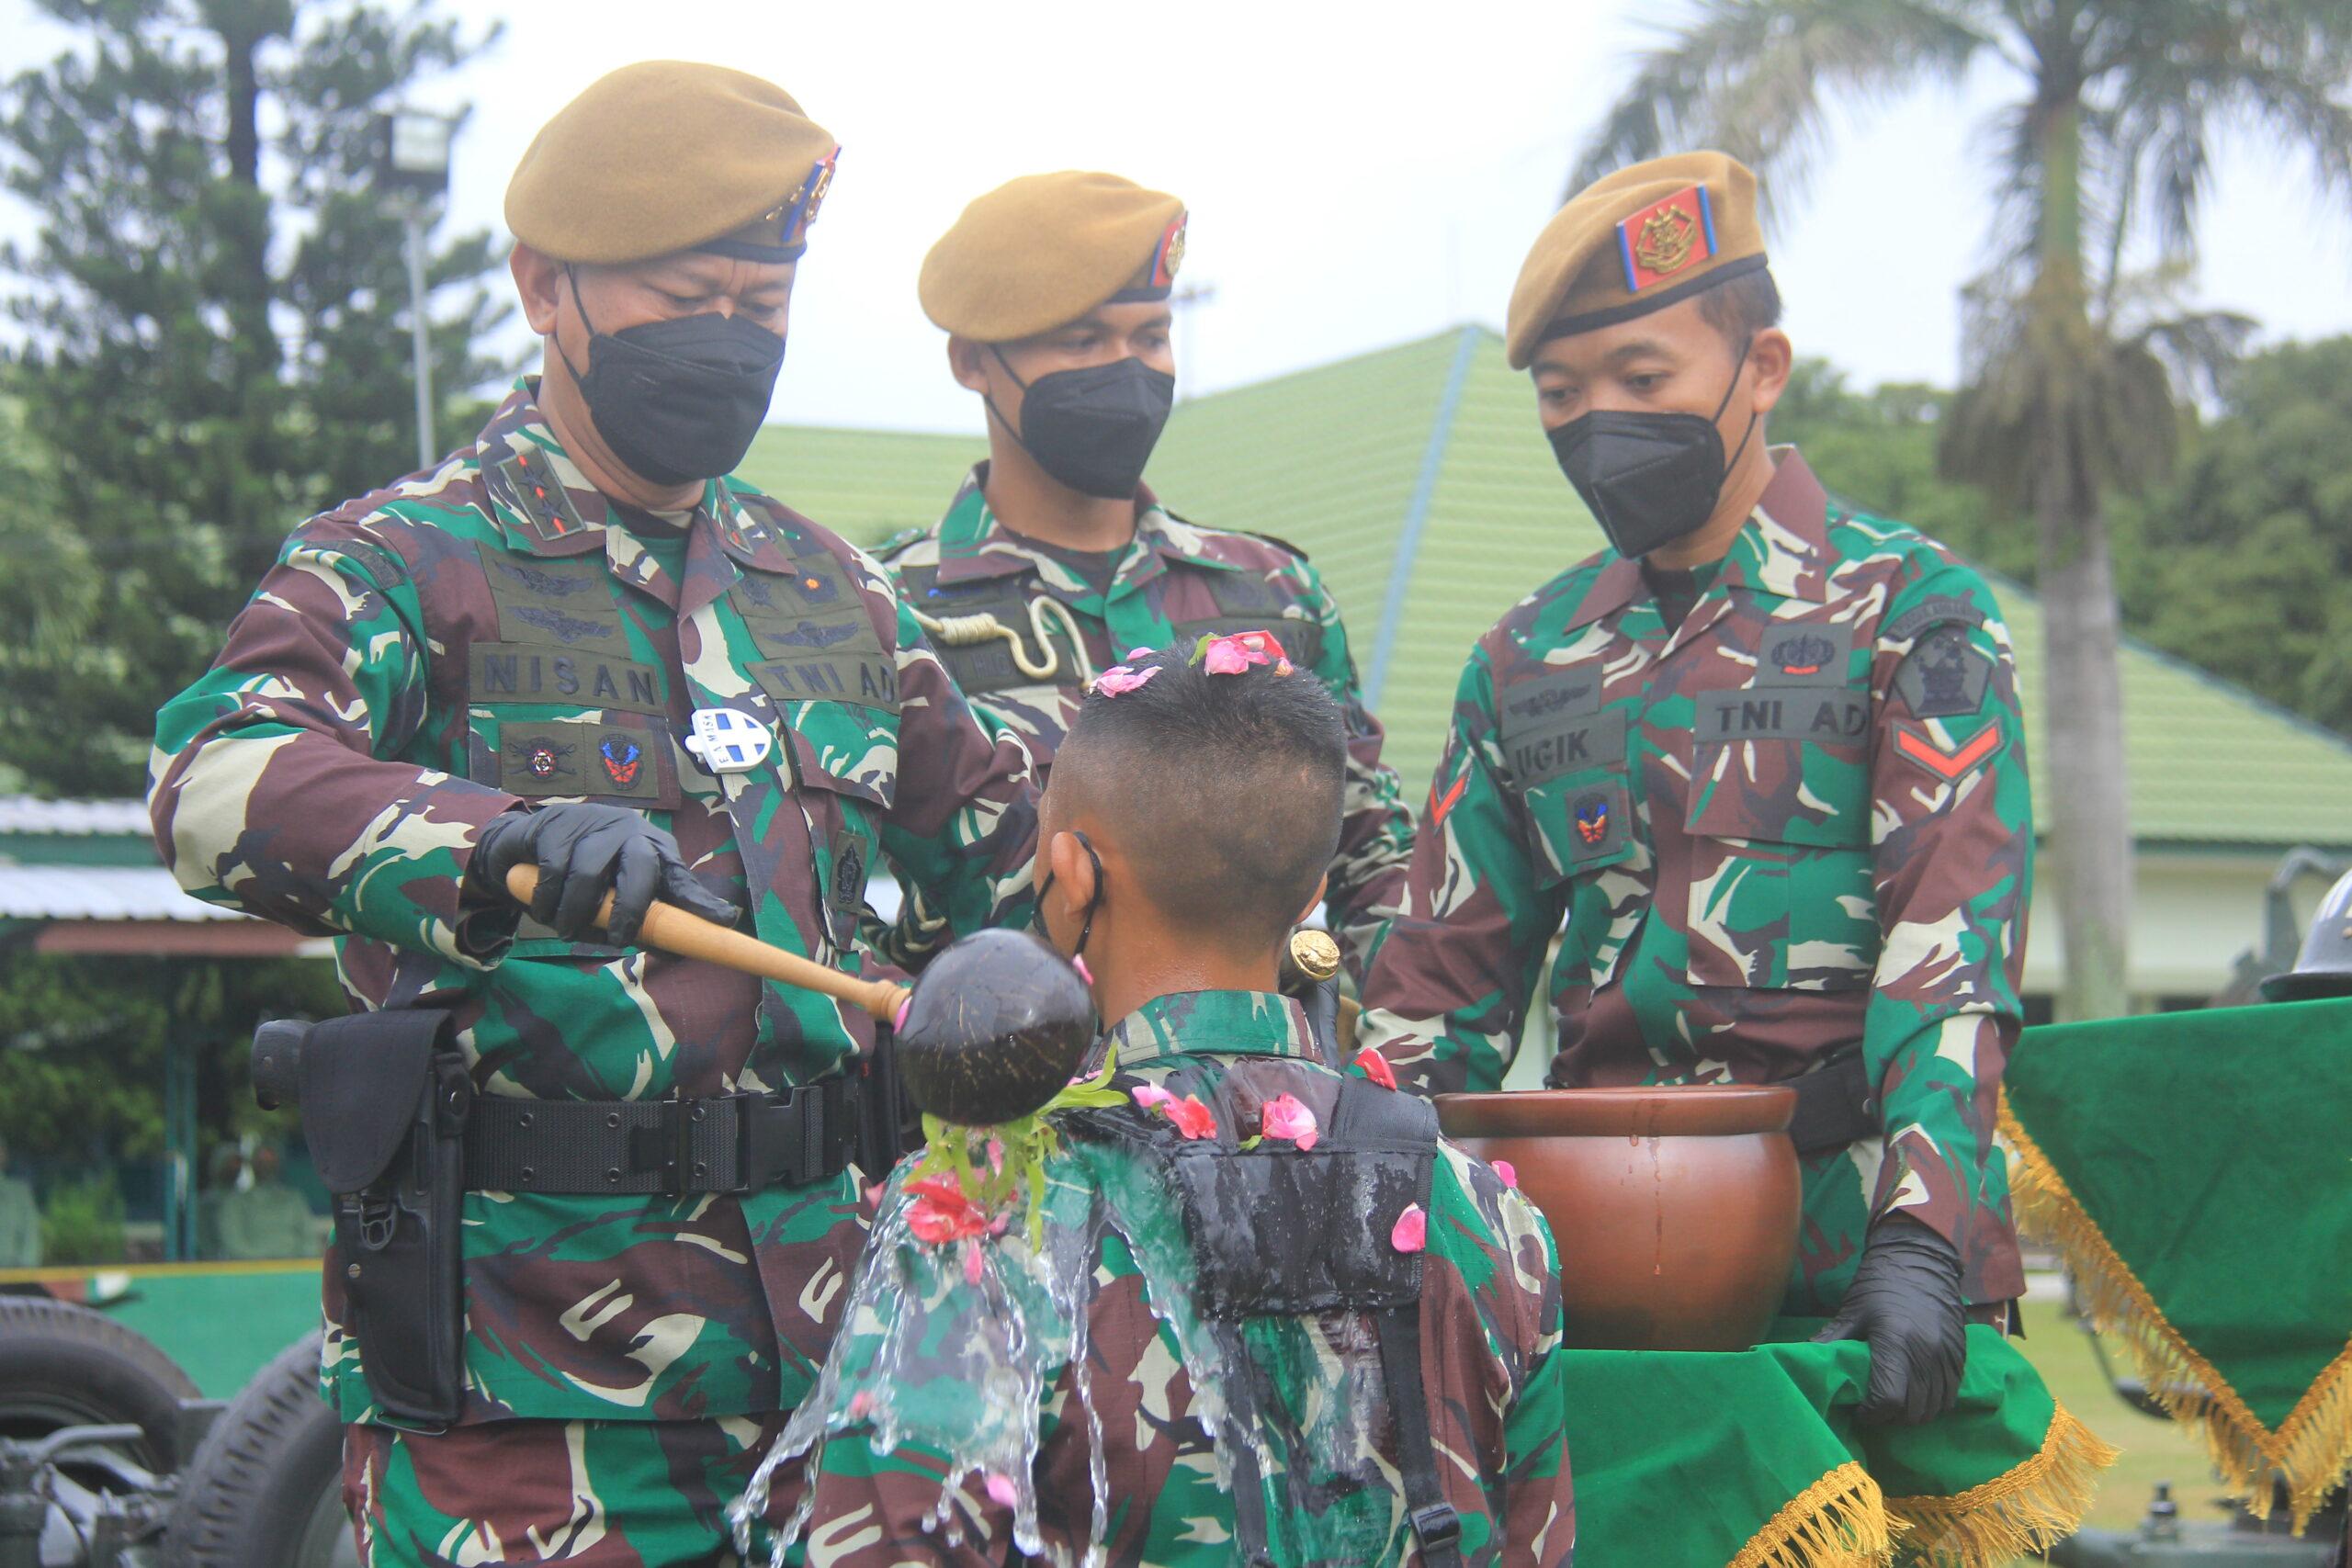 UPACARA TRADISI KORPS PEMBARETAN DAN PENYEMATAN BREVET ARHANUD SISWA DIKJURTA ARHANUD ABIT DIKMATA TNI AD GEL I TA 2020